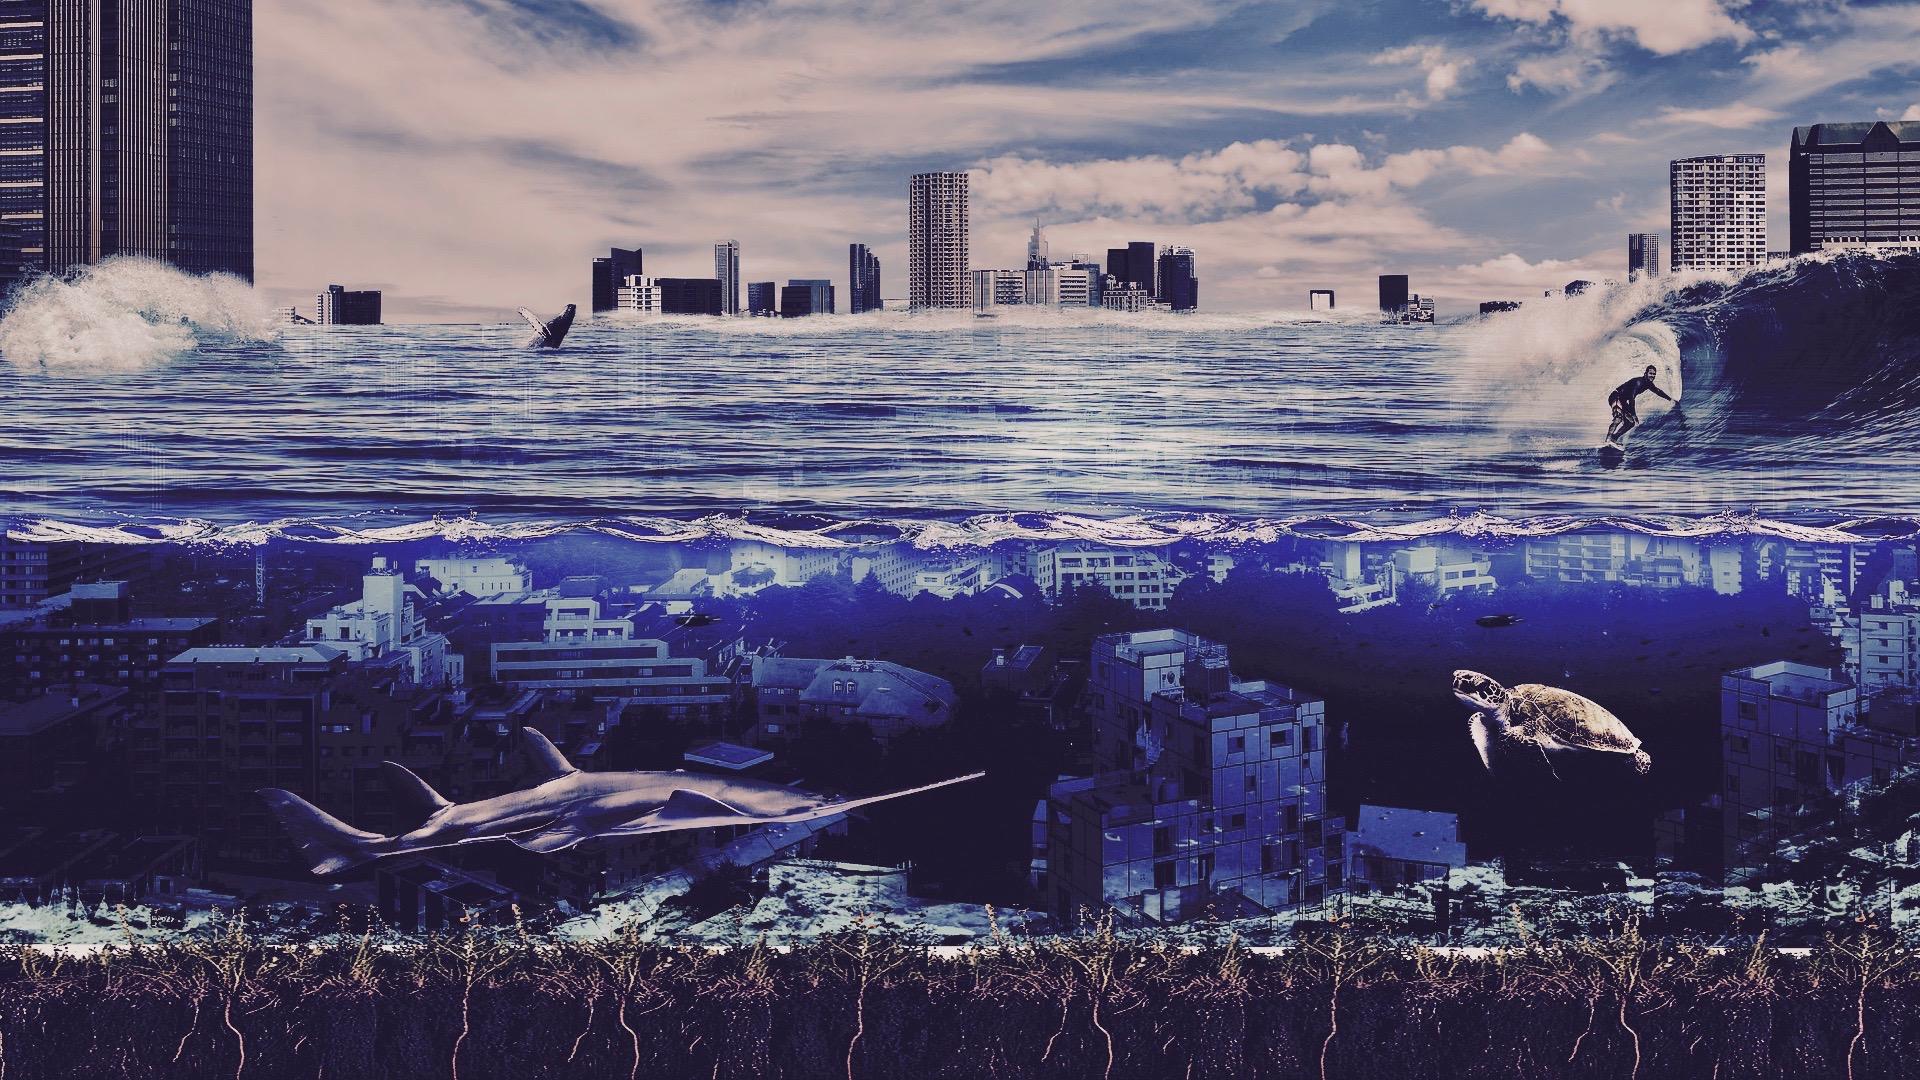 Image of underwater city.